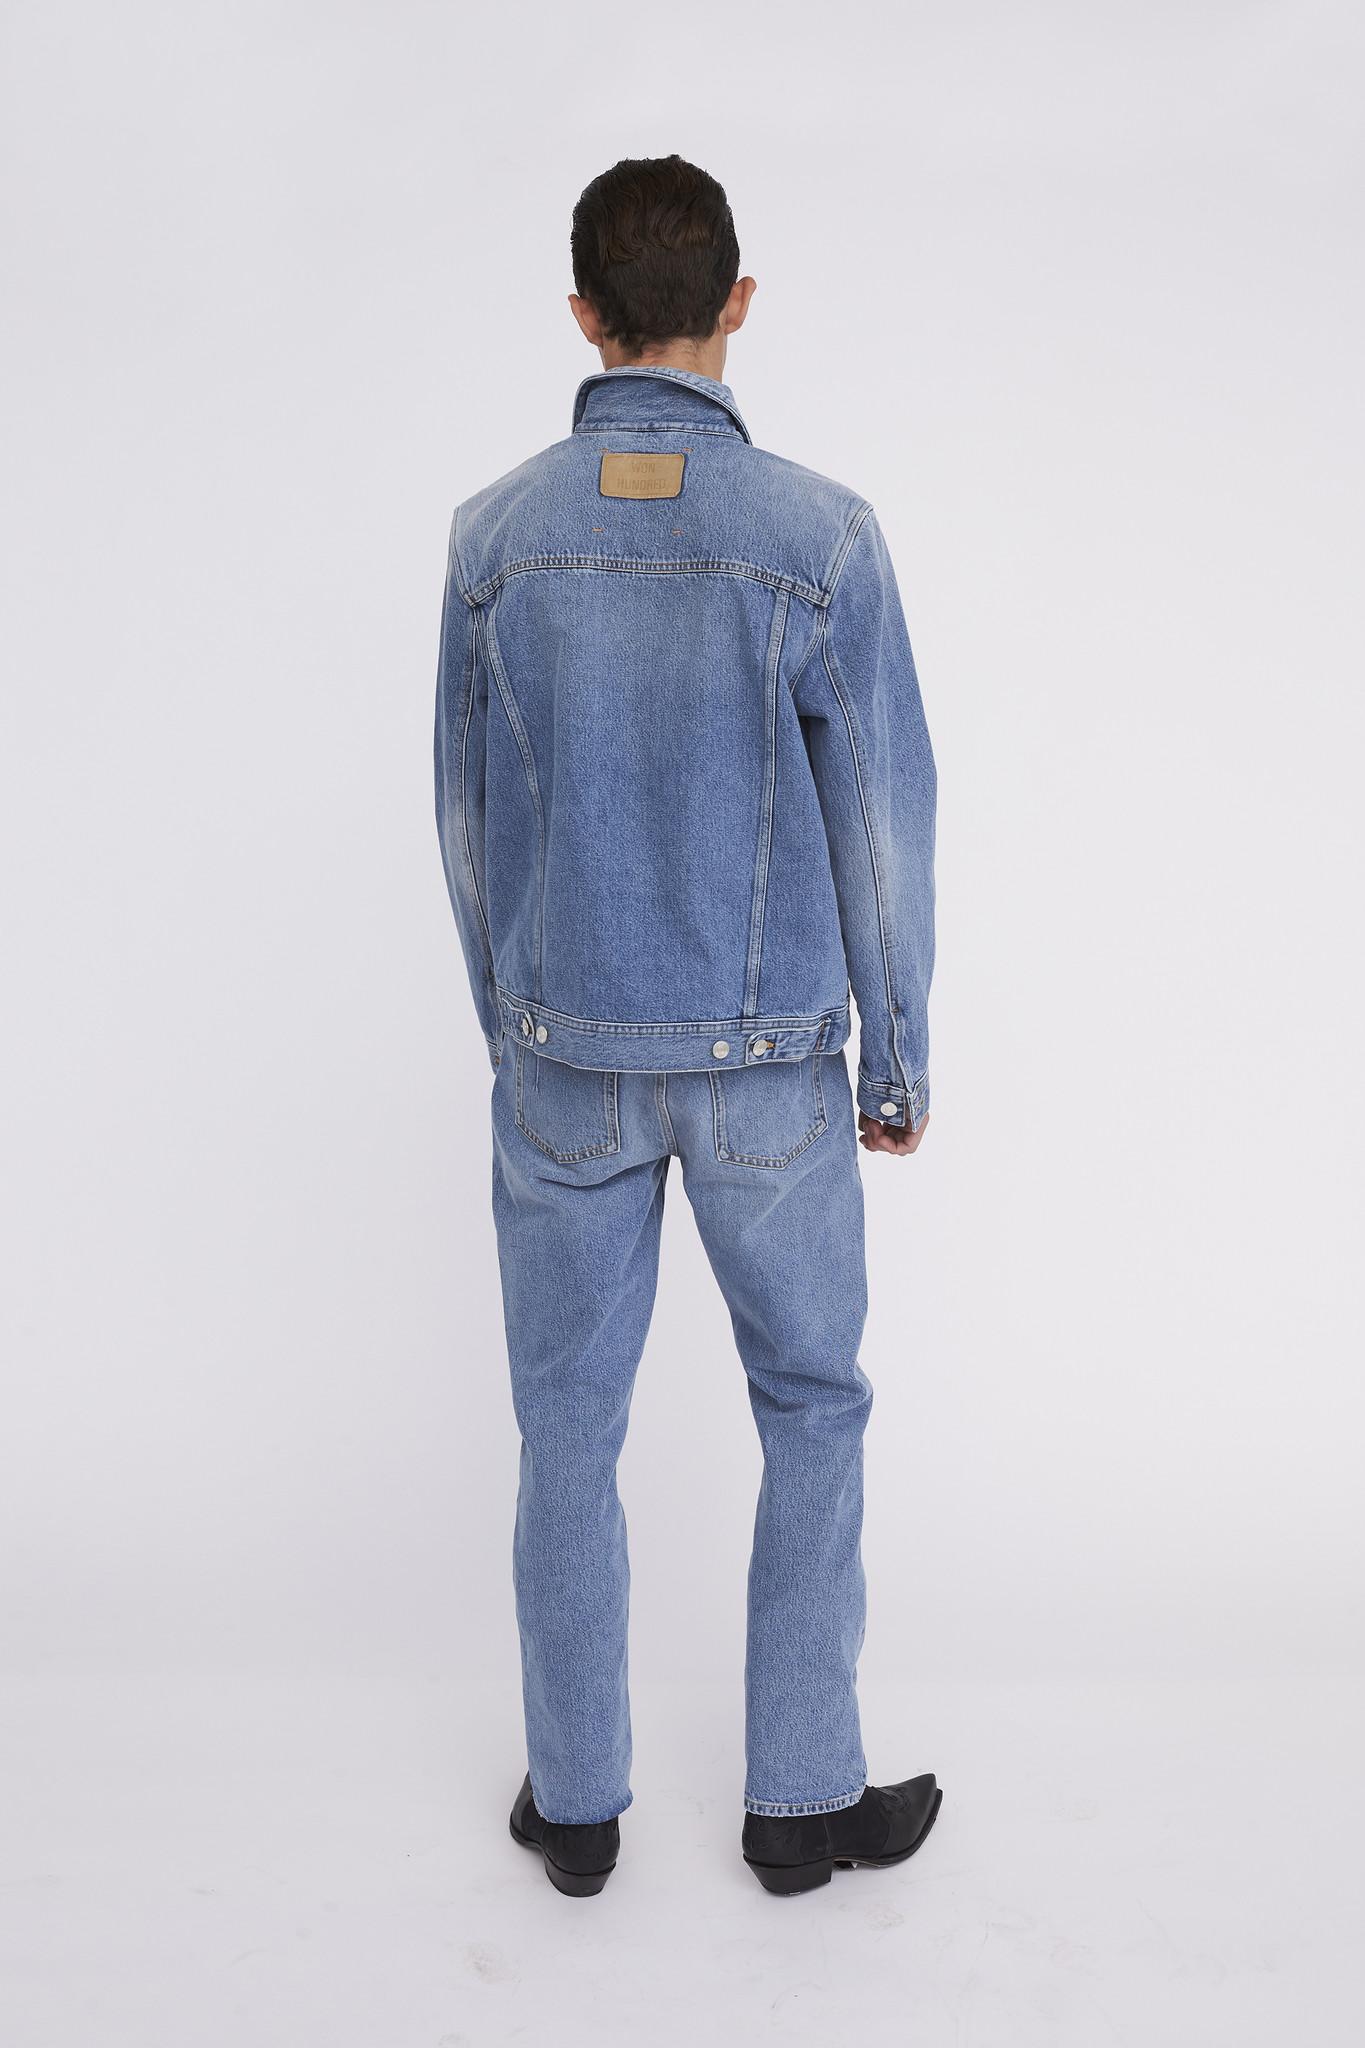 Vinny Denim Jacket - Wash 4-2